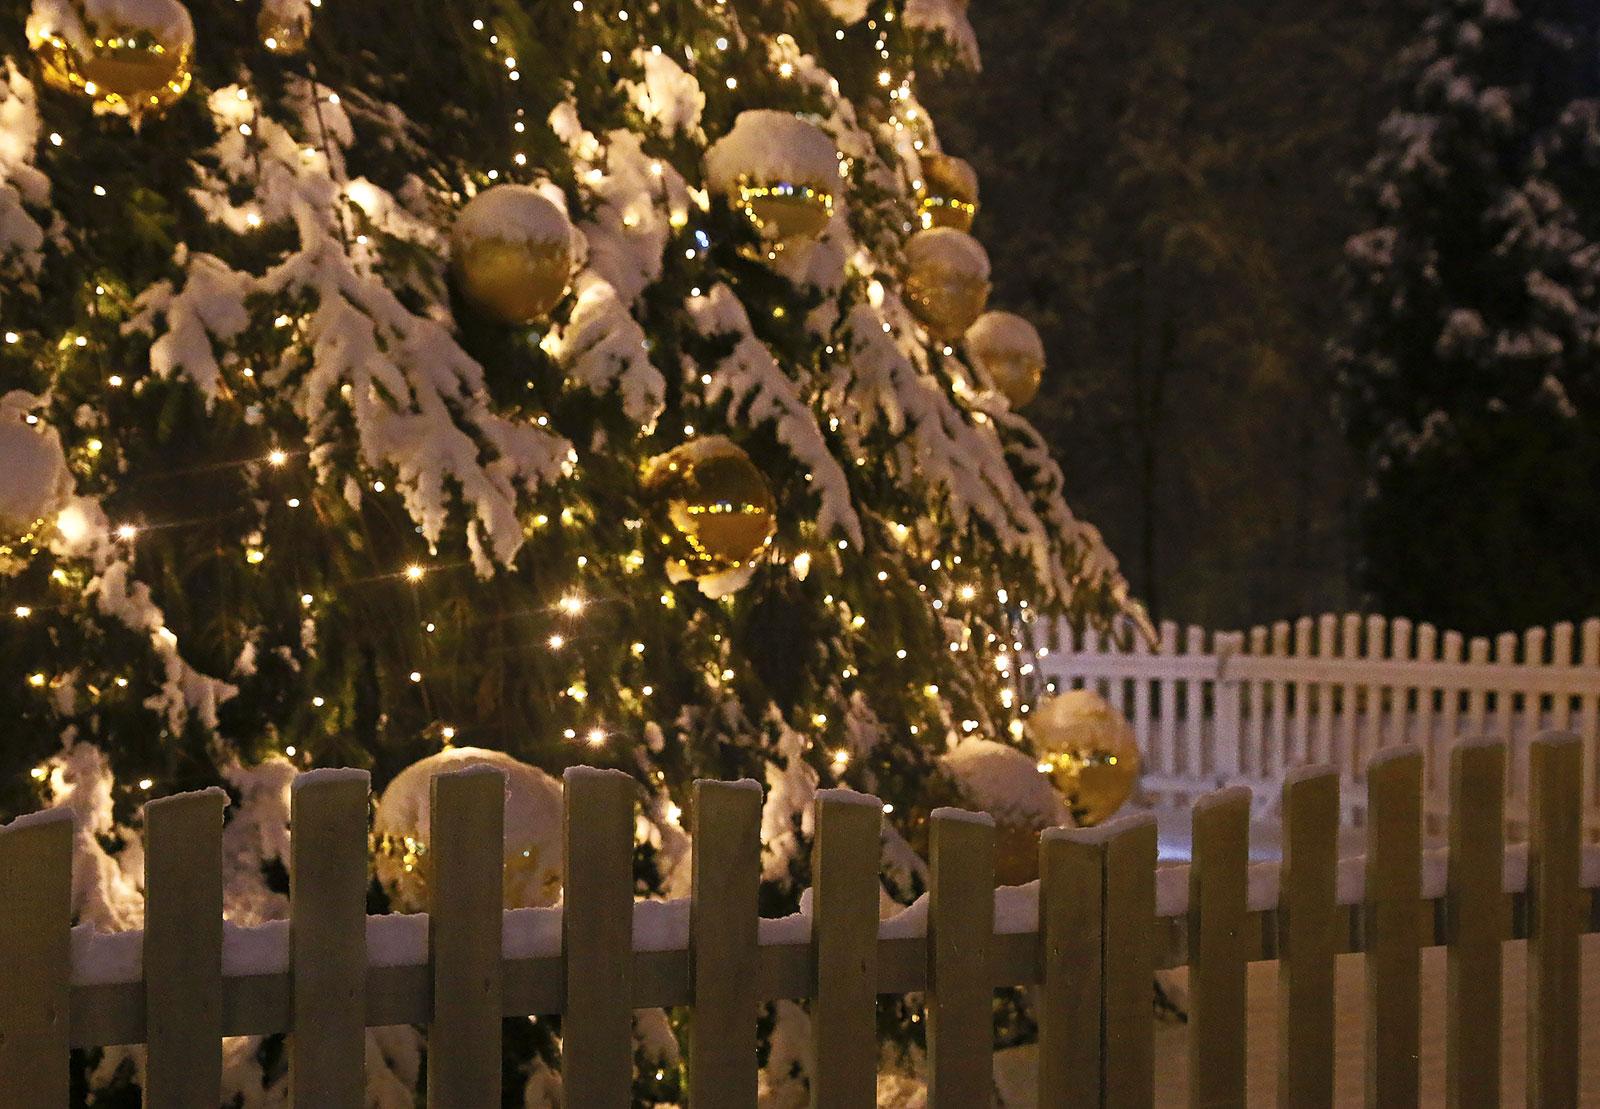 А ночью возле ёлки... ;). Блиц: новогодняя елка